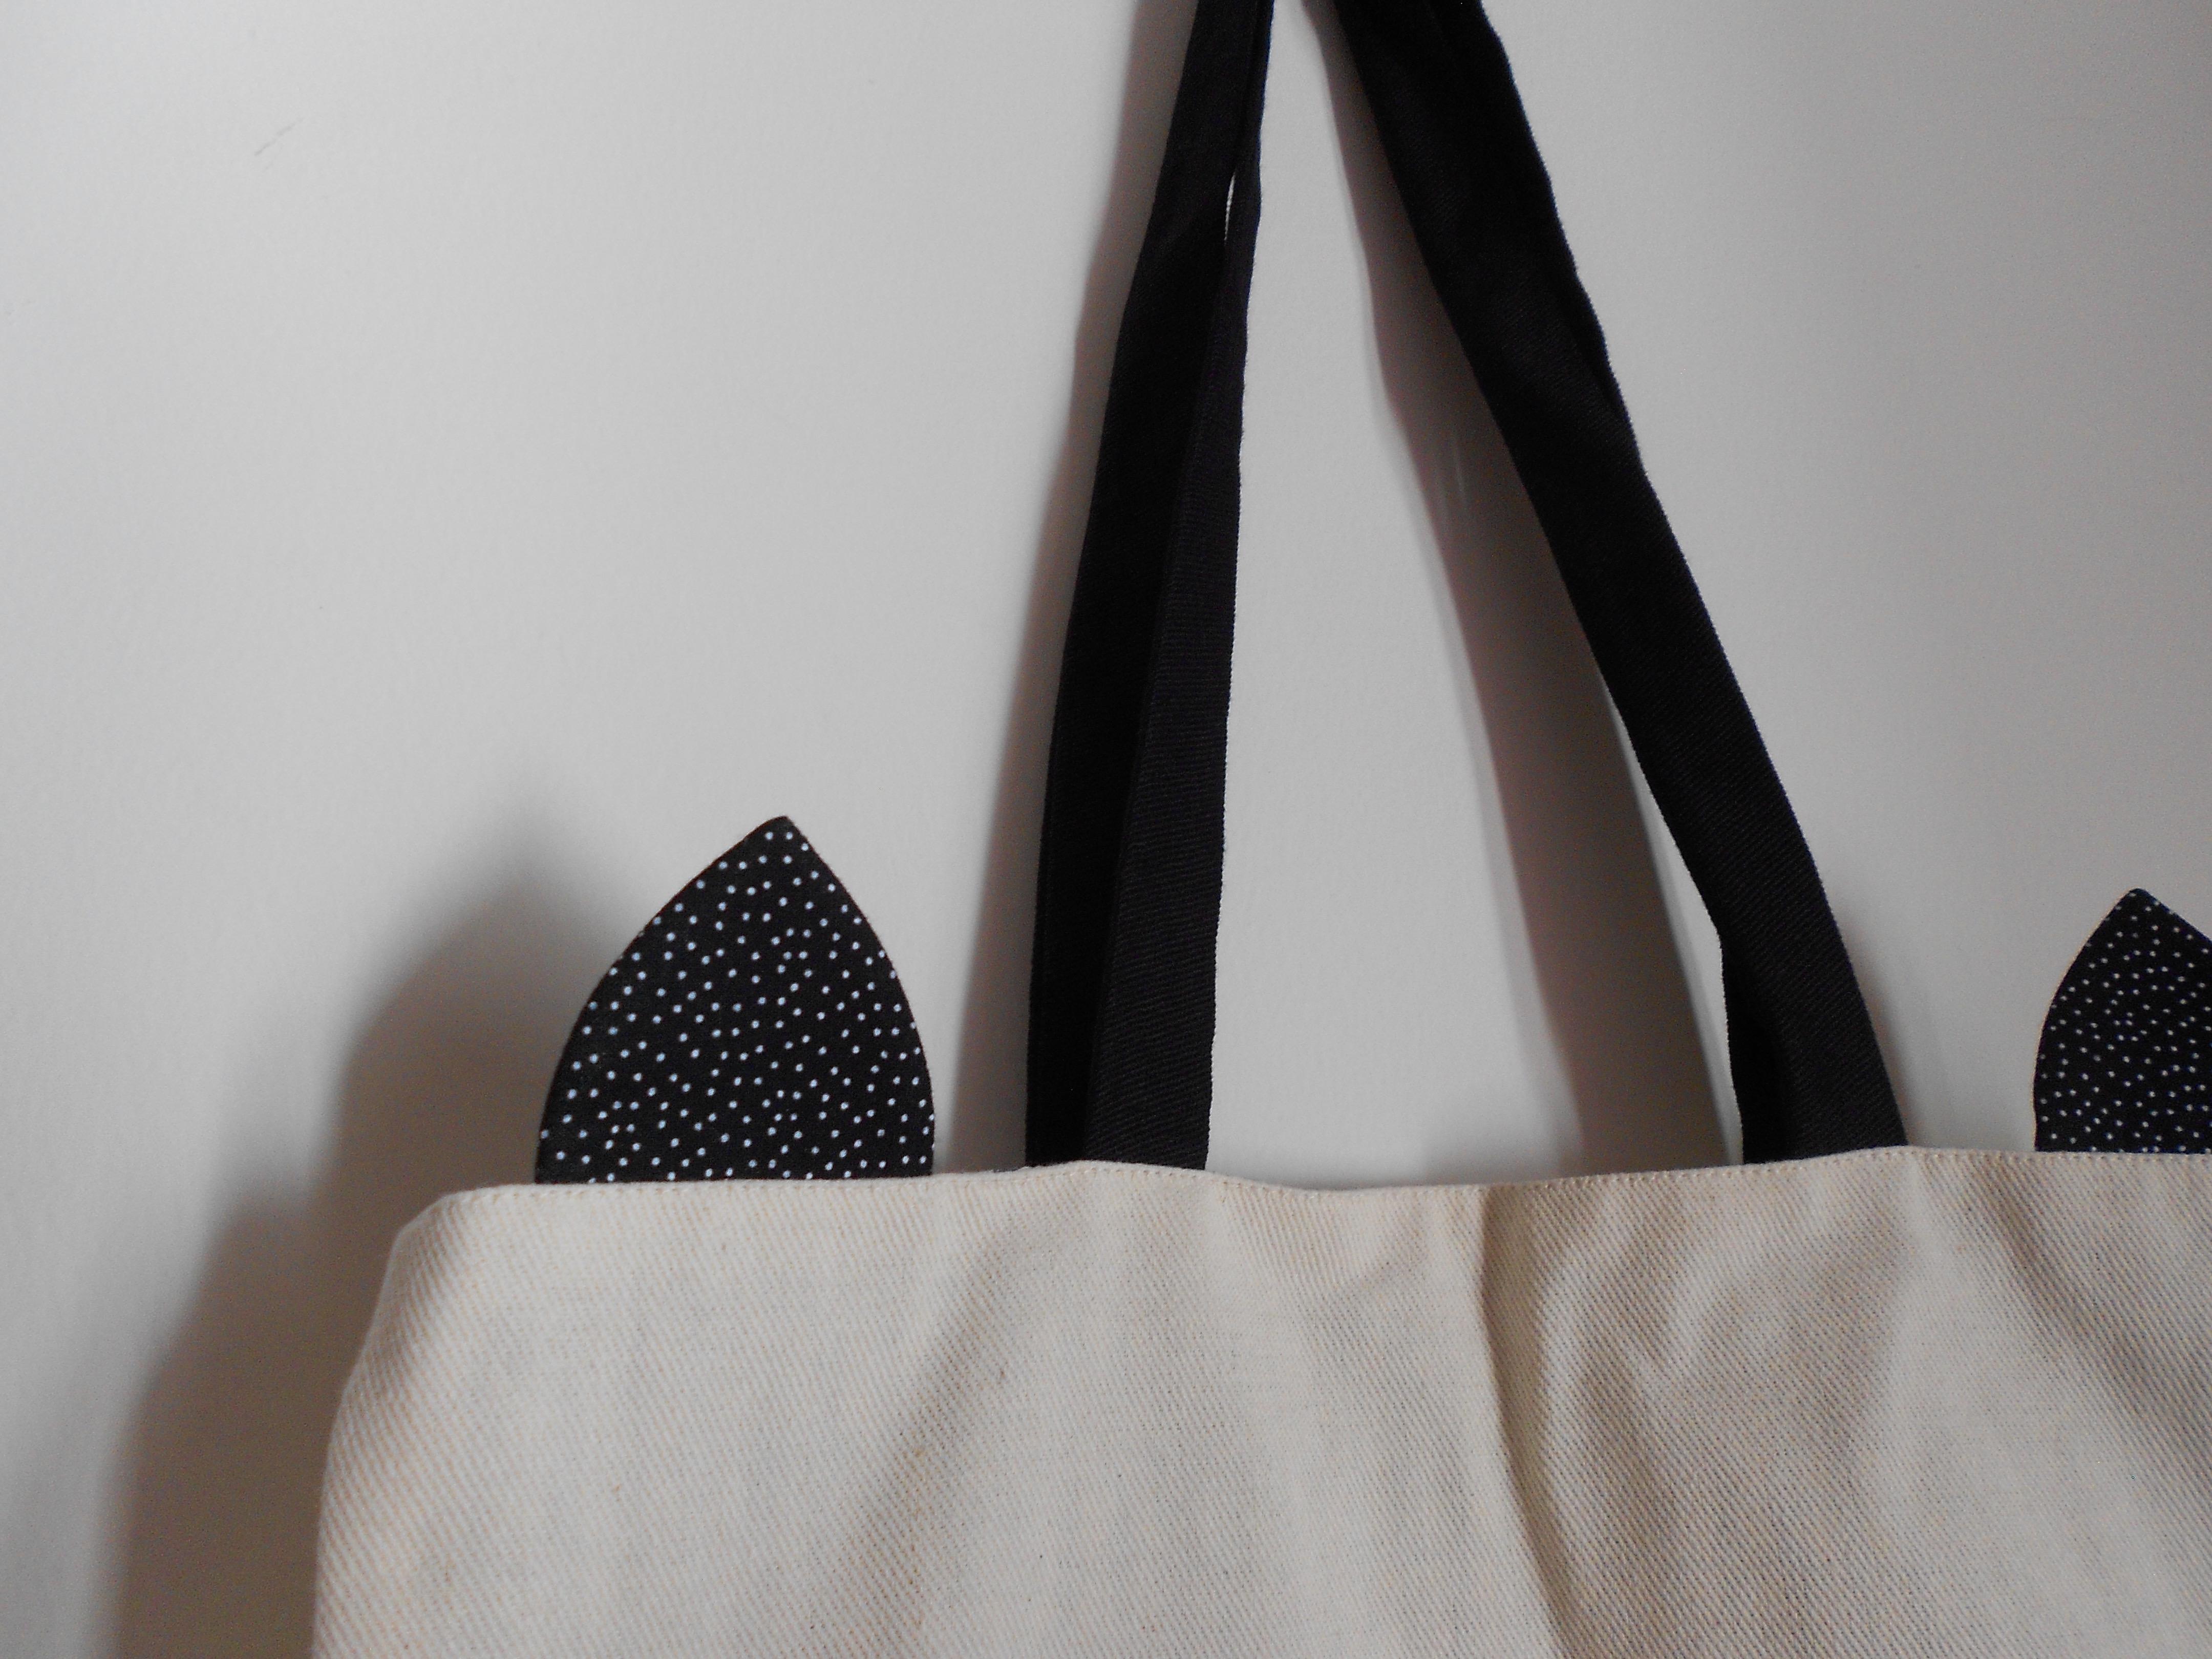 Bolsa De Tecido Cru : Tote bag gato desenhada algod?o cru o jardim elo